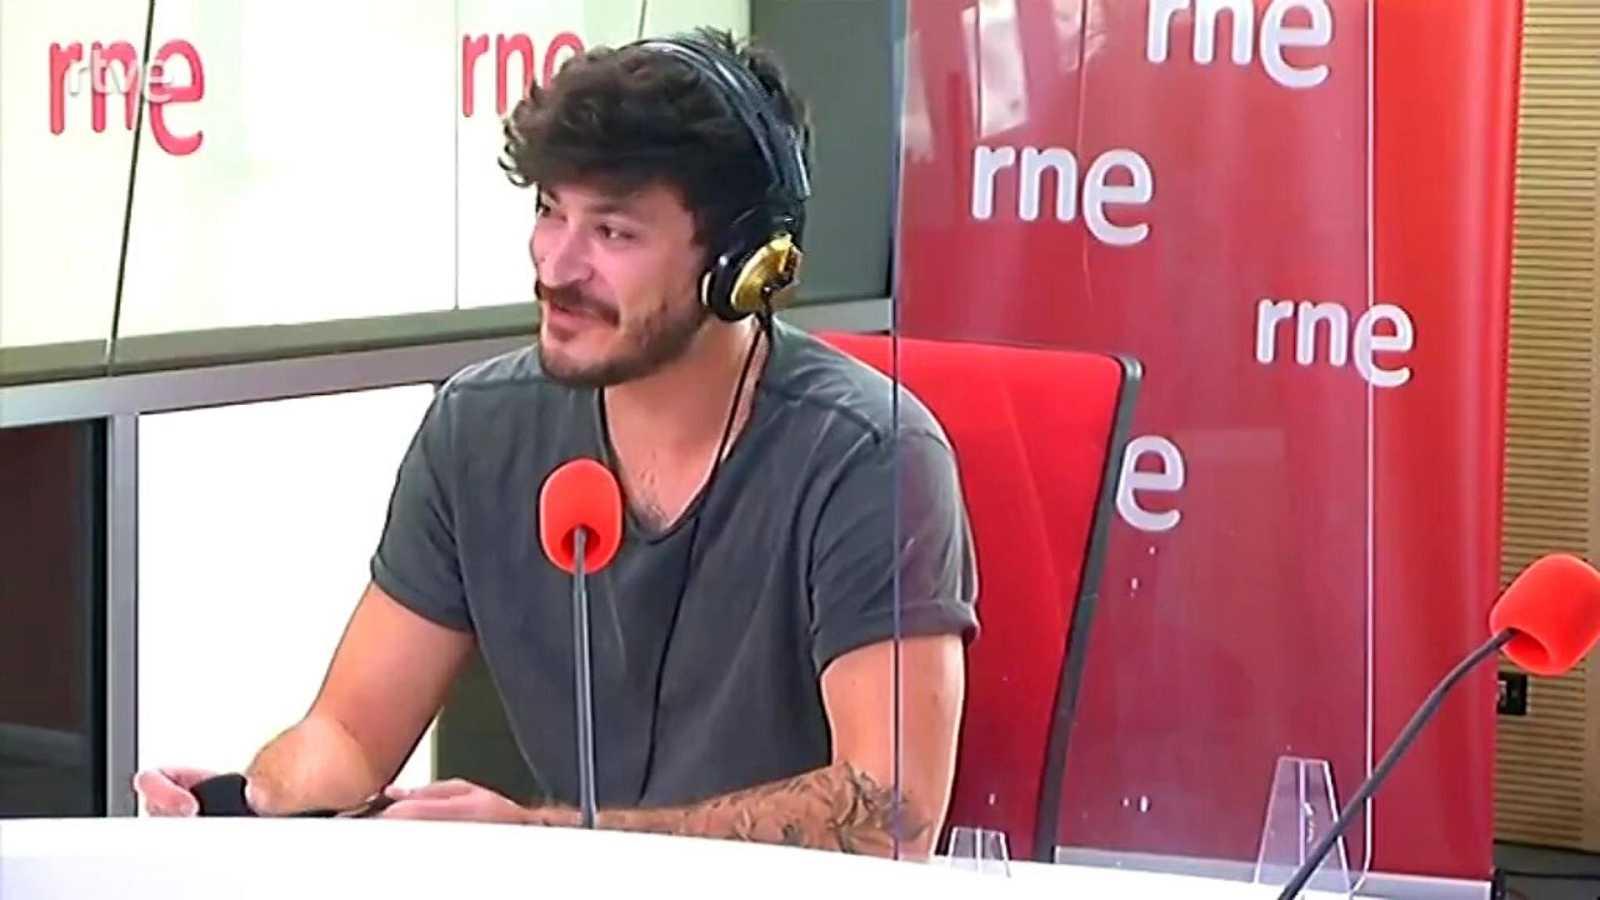 """Luis Cepeda: """"Cada canción tiene su propia historia y su propio significado y tendrá su propia vida para la gente que lo escuche"""" - ver ahora"""